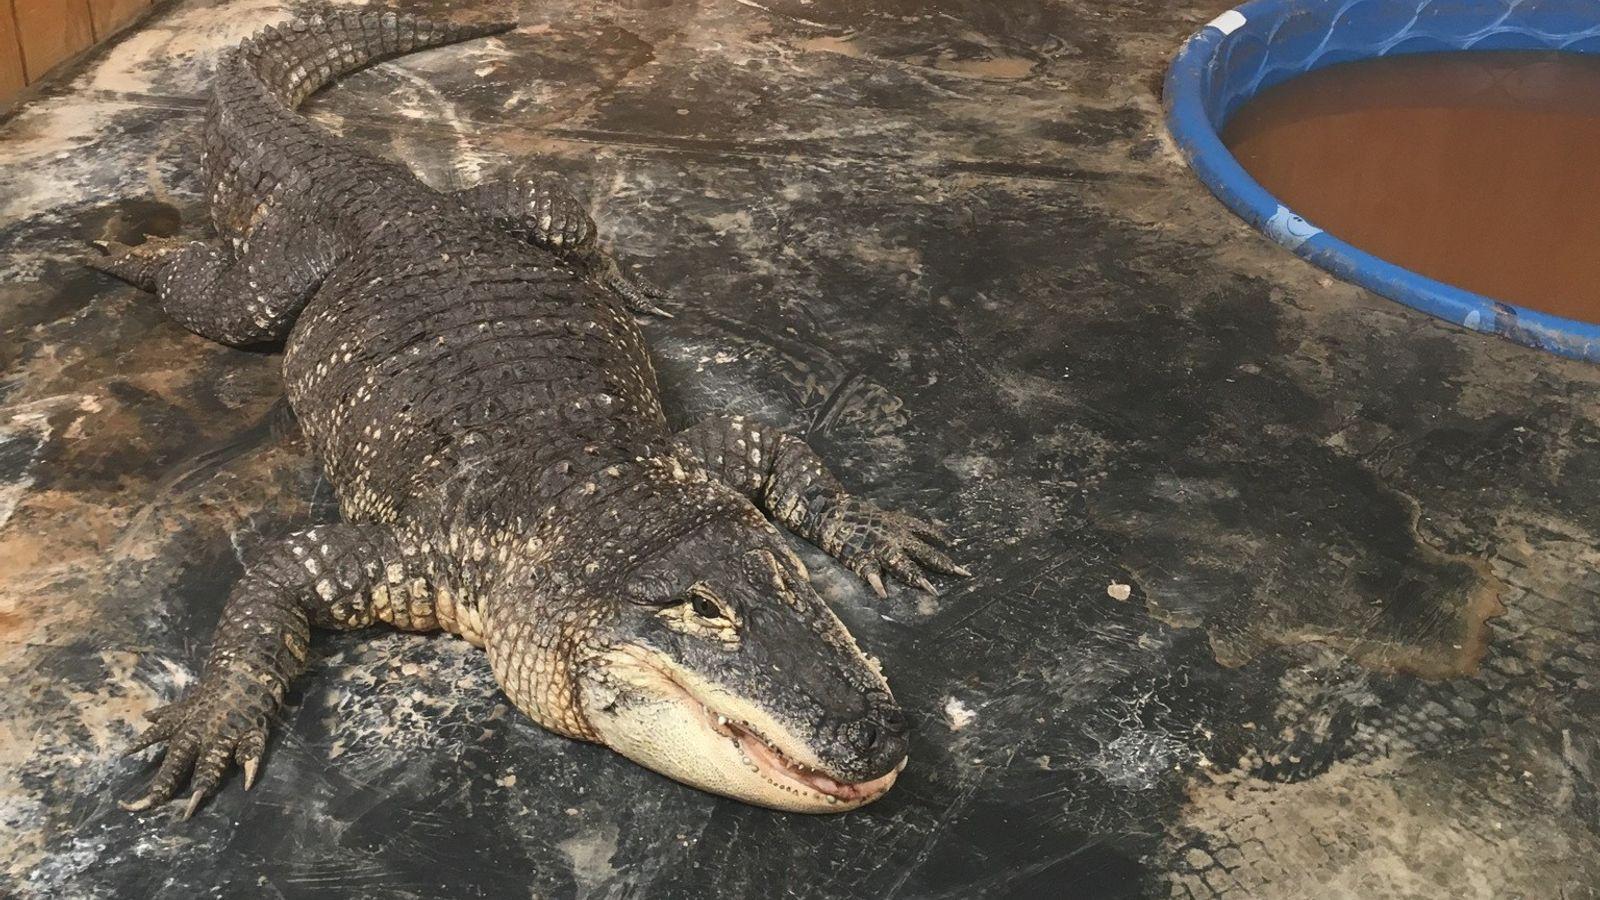 Les autorités du Nouveau-Mexique ont saisi cet alligator d'Amérique chez un particulier où il vivait en ...